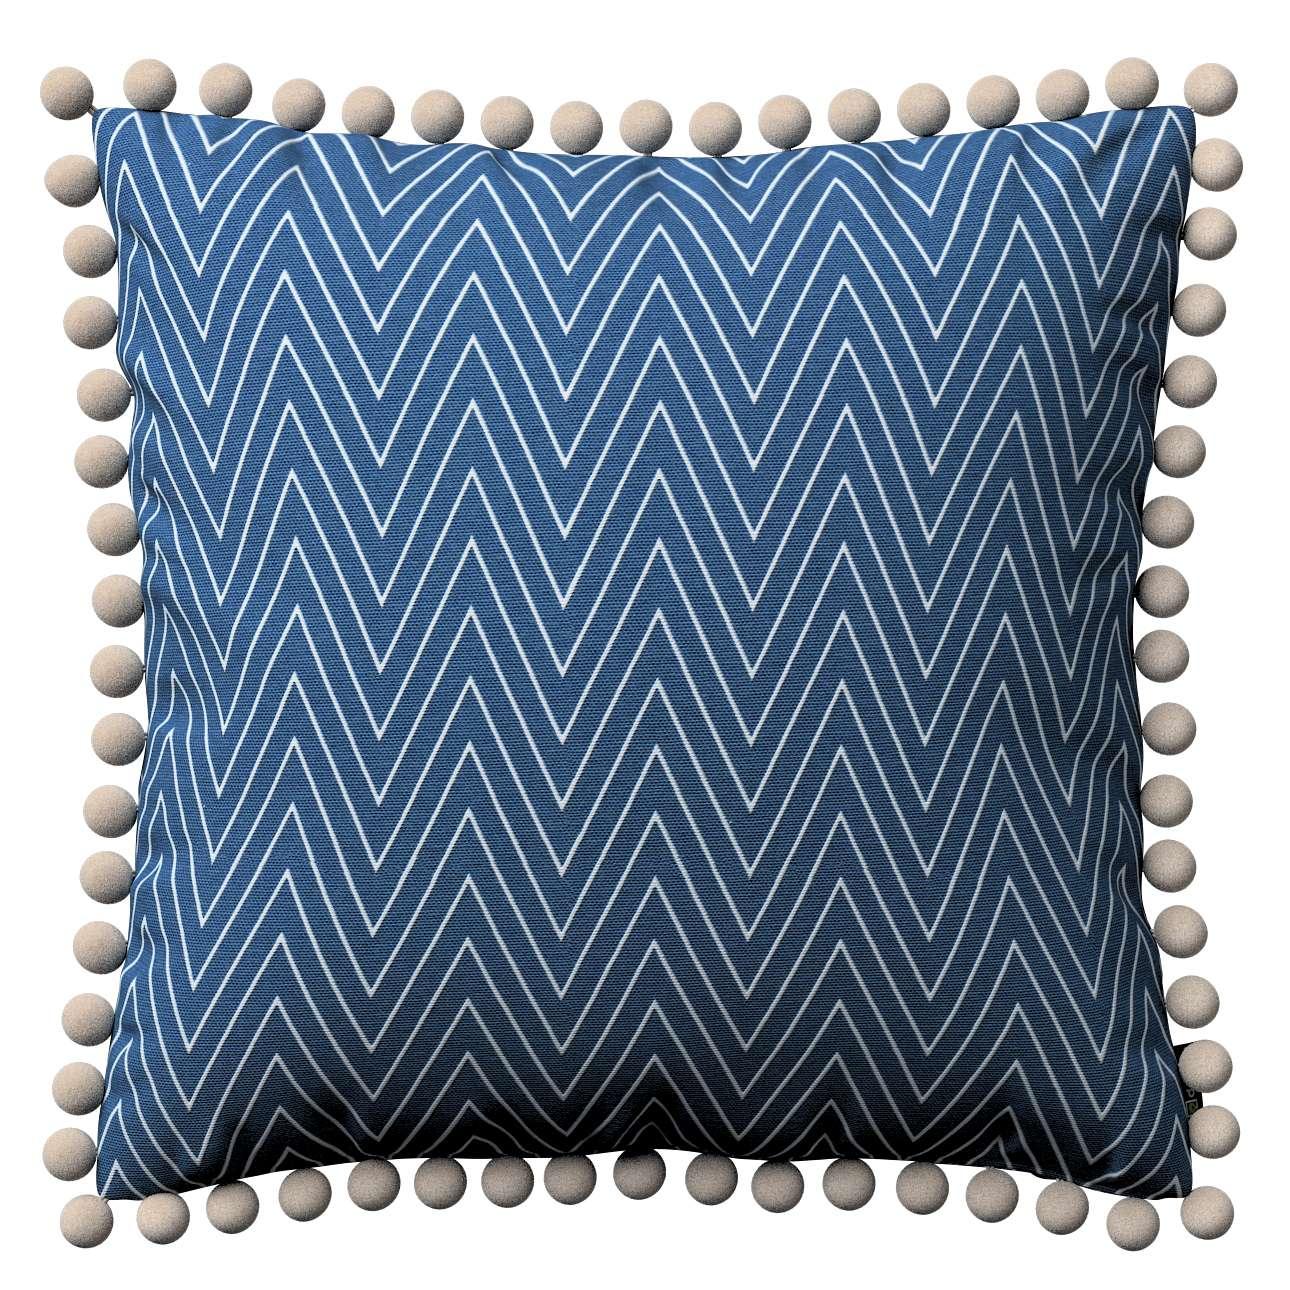 Wera dekoratyvinės pagalvėlės su žaismingais kraštais 45 x 45 cm kolekcijoje Brooklyn, audinys: 137-88